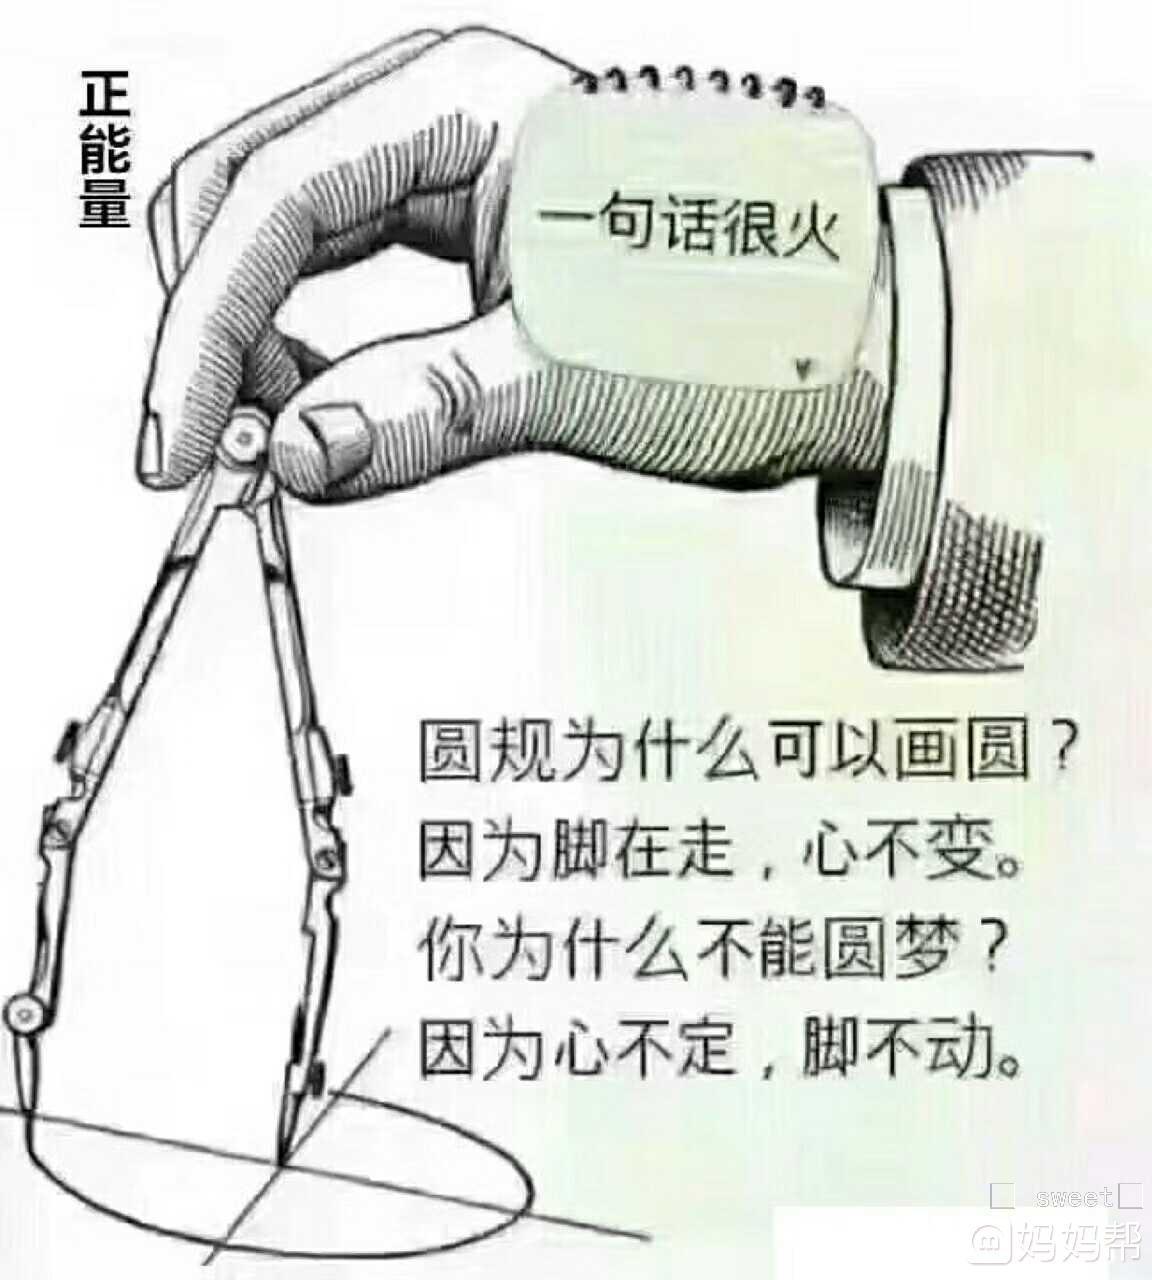 圆规为什么可以画圆,因为脚在走心不动[强]你为什么不能圆梦,因为你是